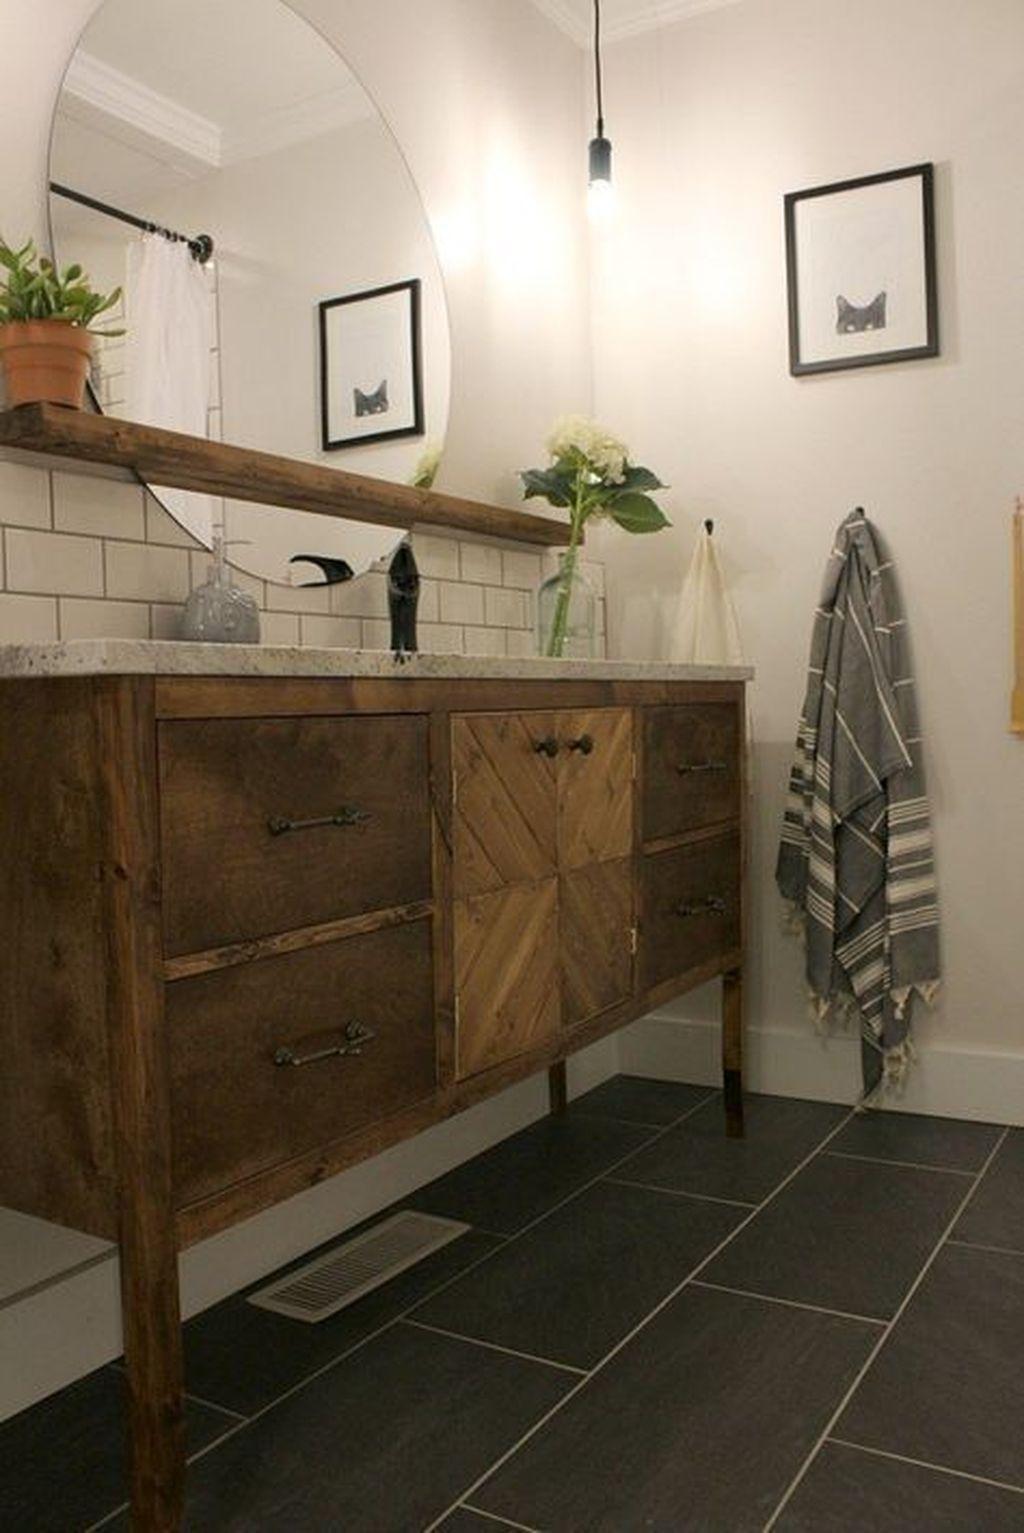 75 Modern Farmhouse Style Bathroom Remodel Decor